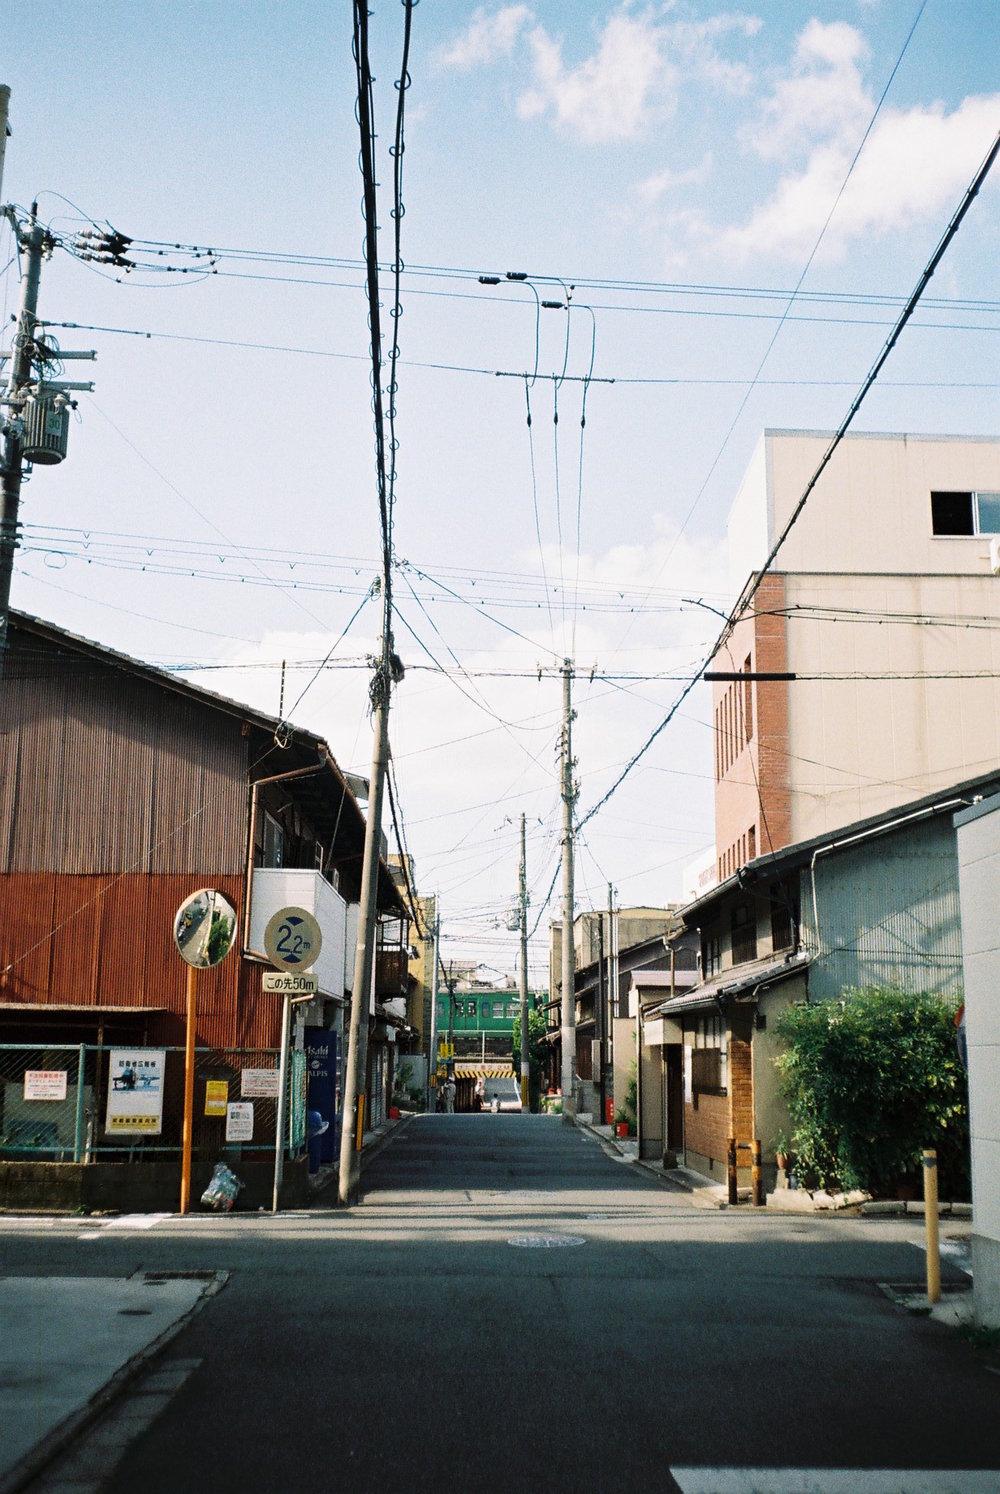 02-JAPON-argentic-Kyoto-aout-2016-004.JPG